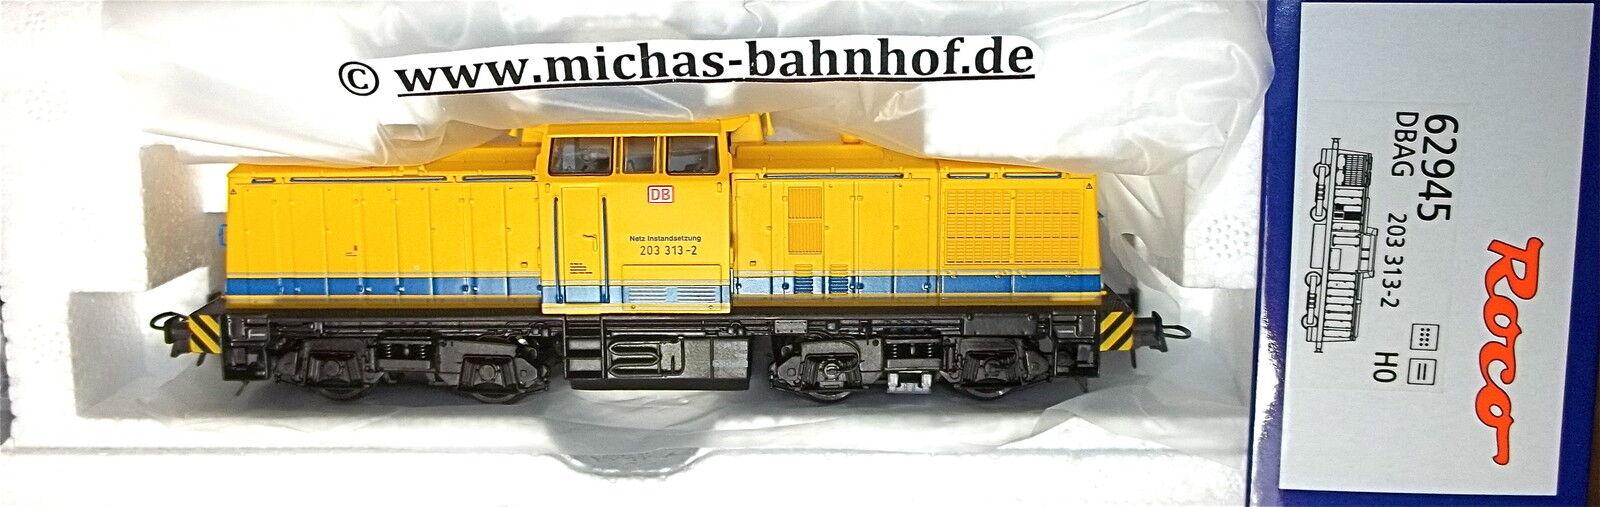 203 Diesel Ex Br 114 Dr Allemand Construction de Voies Ferrées Dbag Roco 62945